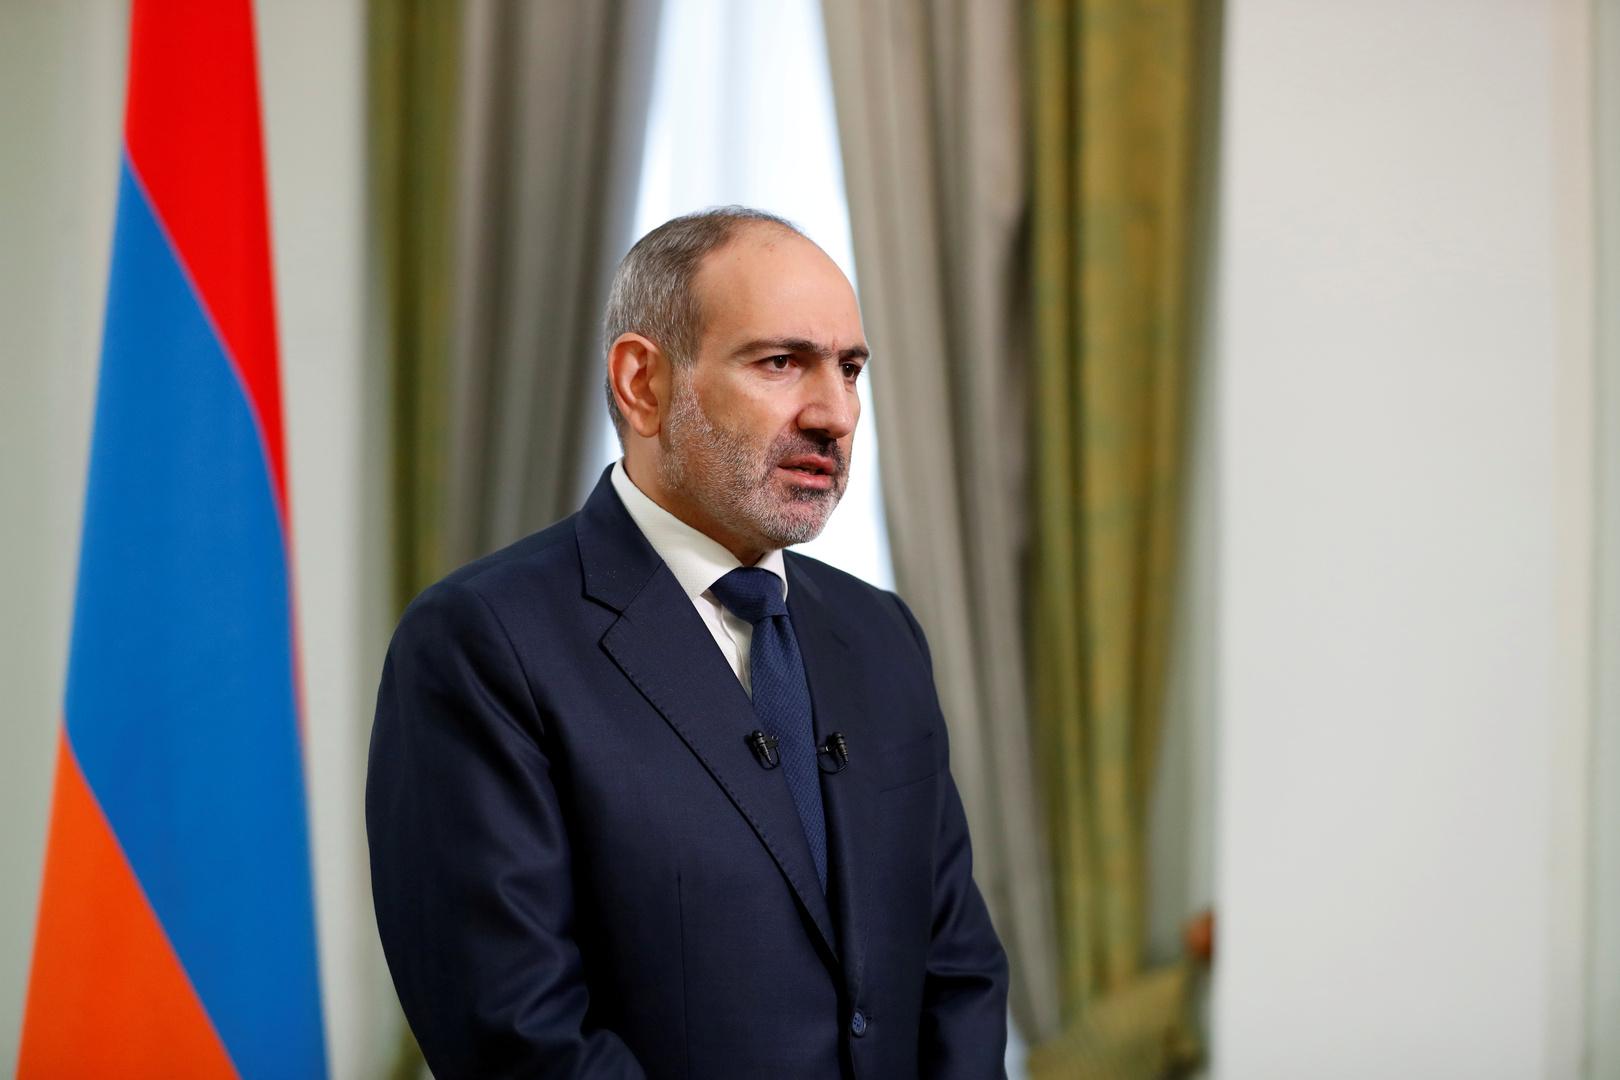 رئيس وزراء أرمينيا يقترح نشر مراقبين دوليين في منطقة حدودية متنازع عليها مع أذربيجان